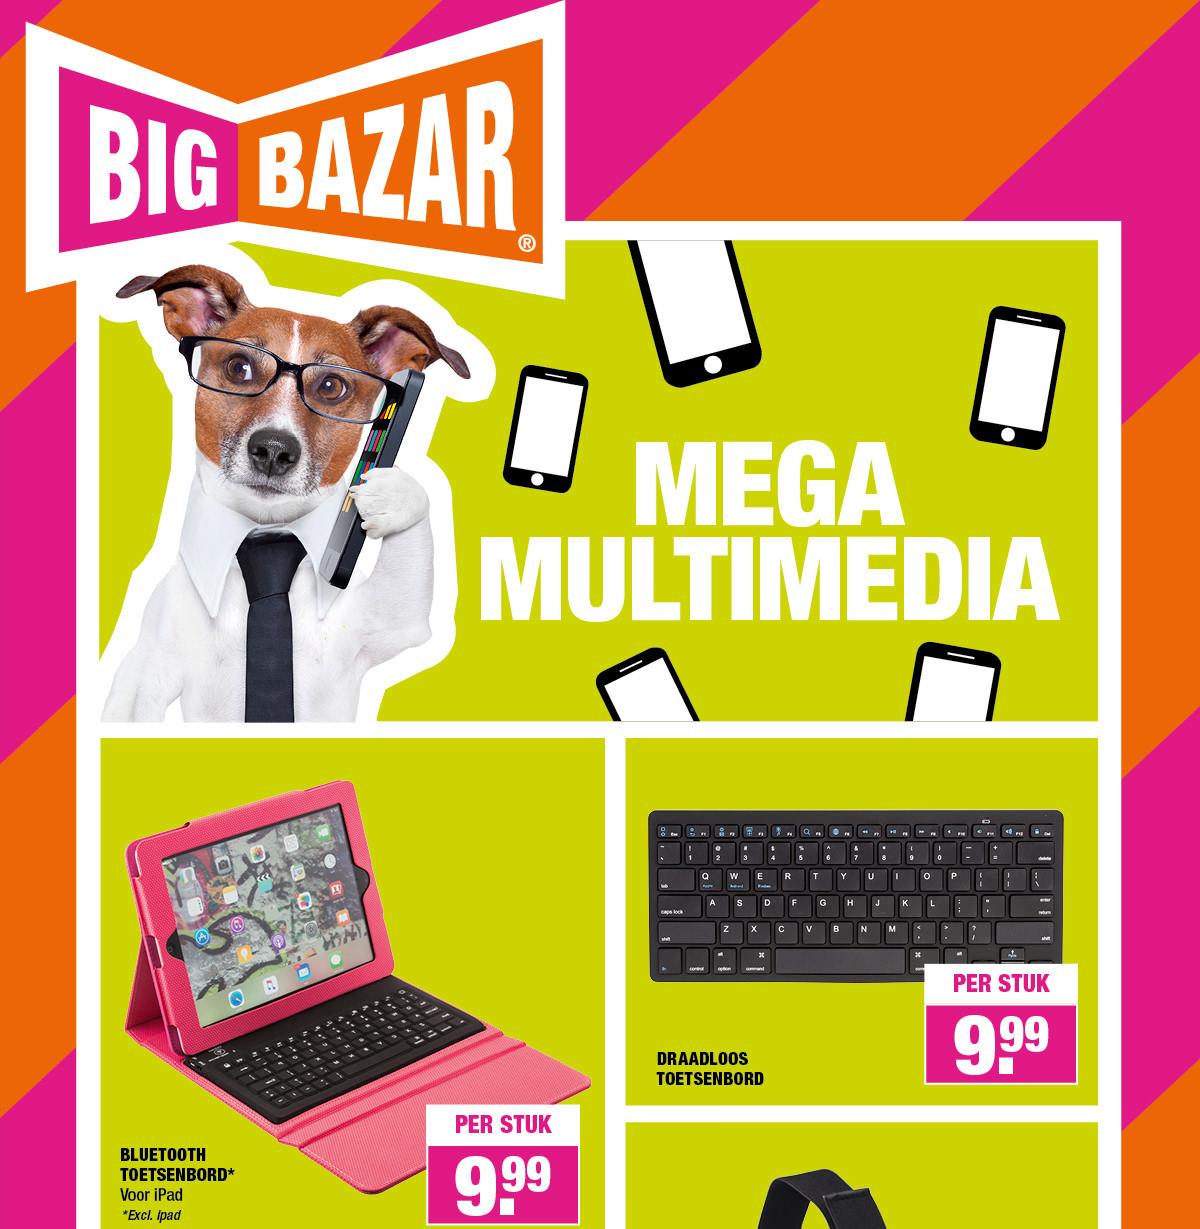 Mega Multi Media deals @ Big Bazar